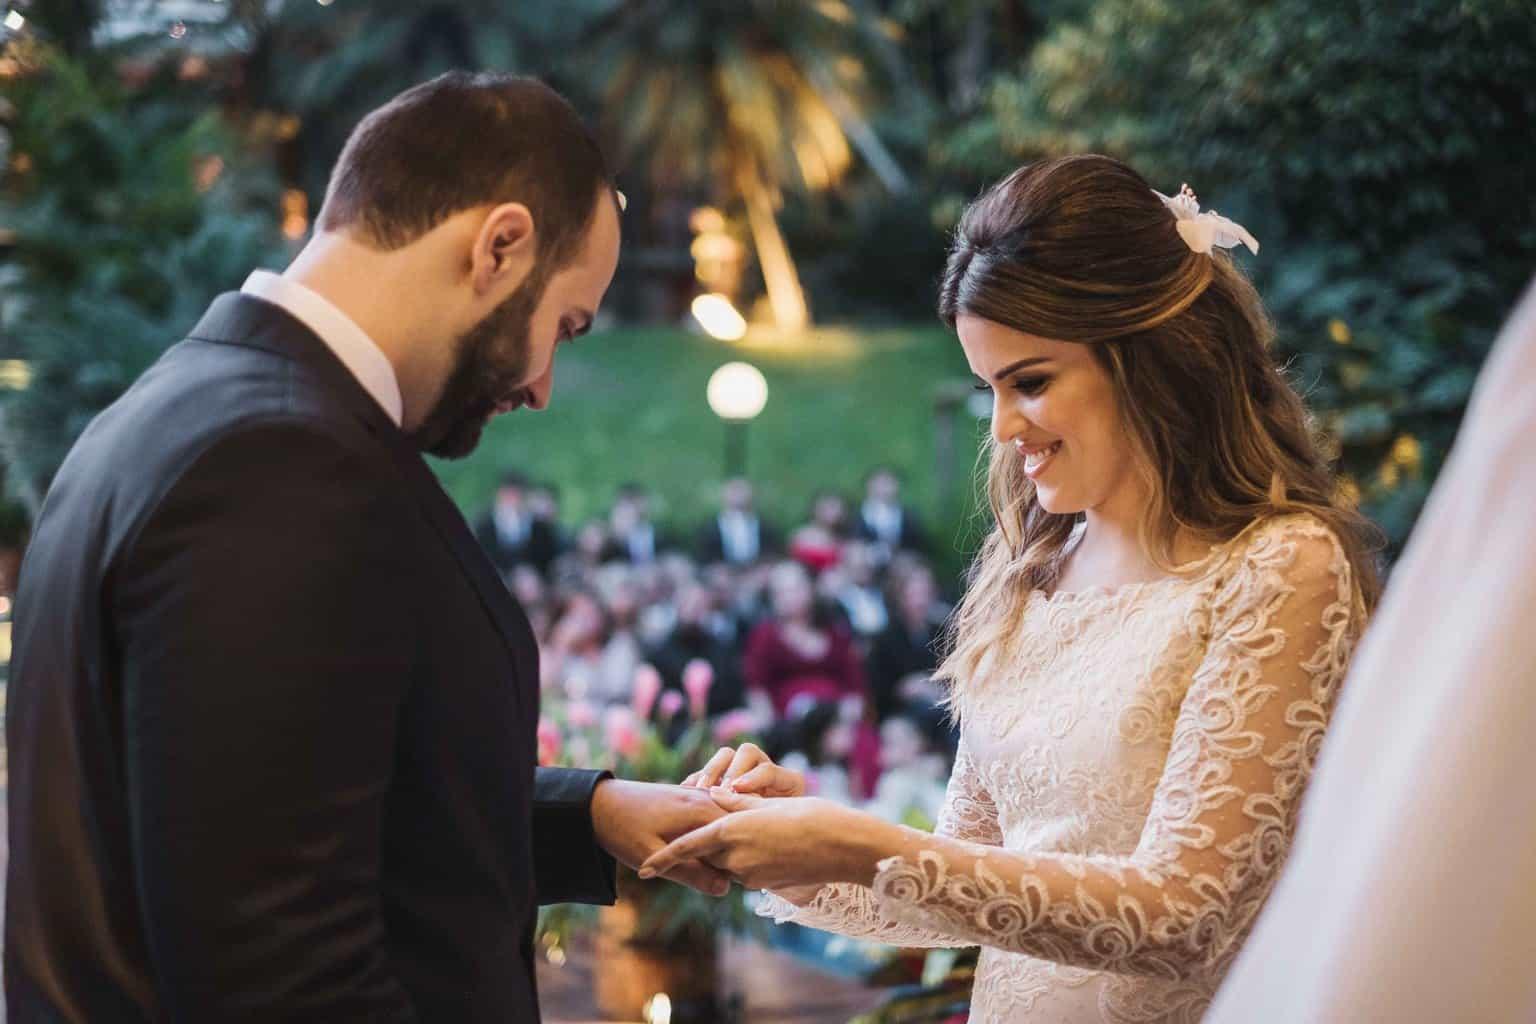 alianças-casamento-na-serra-cerimonia-ao-ar-livre-Fotografia-Renata-Xavier-Les-Amies-Cerimonial-Locanda-Della-Mimosa-Natalia-e-Bruno-noivos-no-altar446